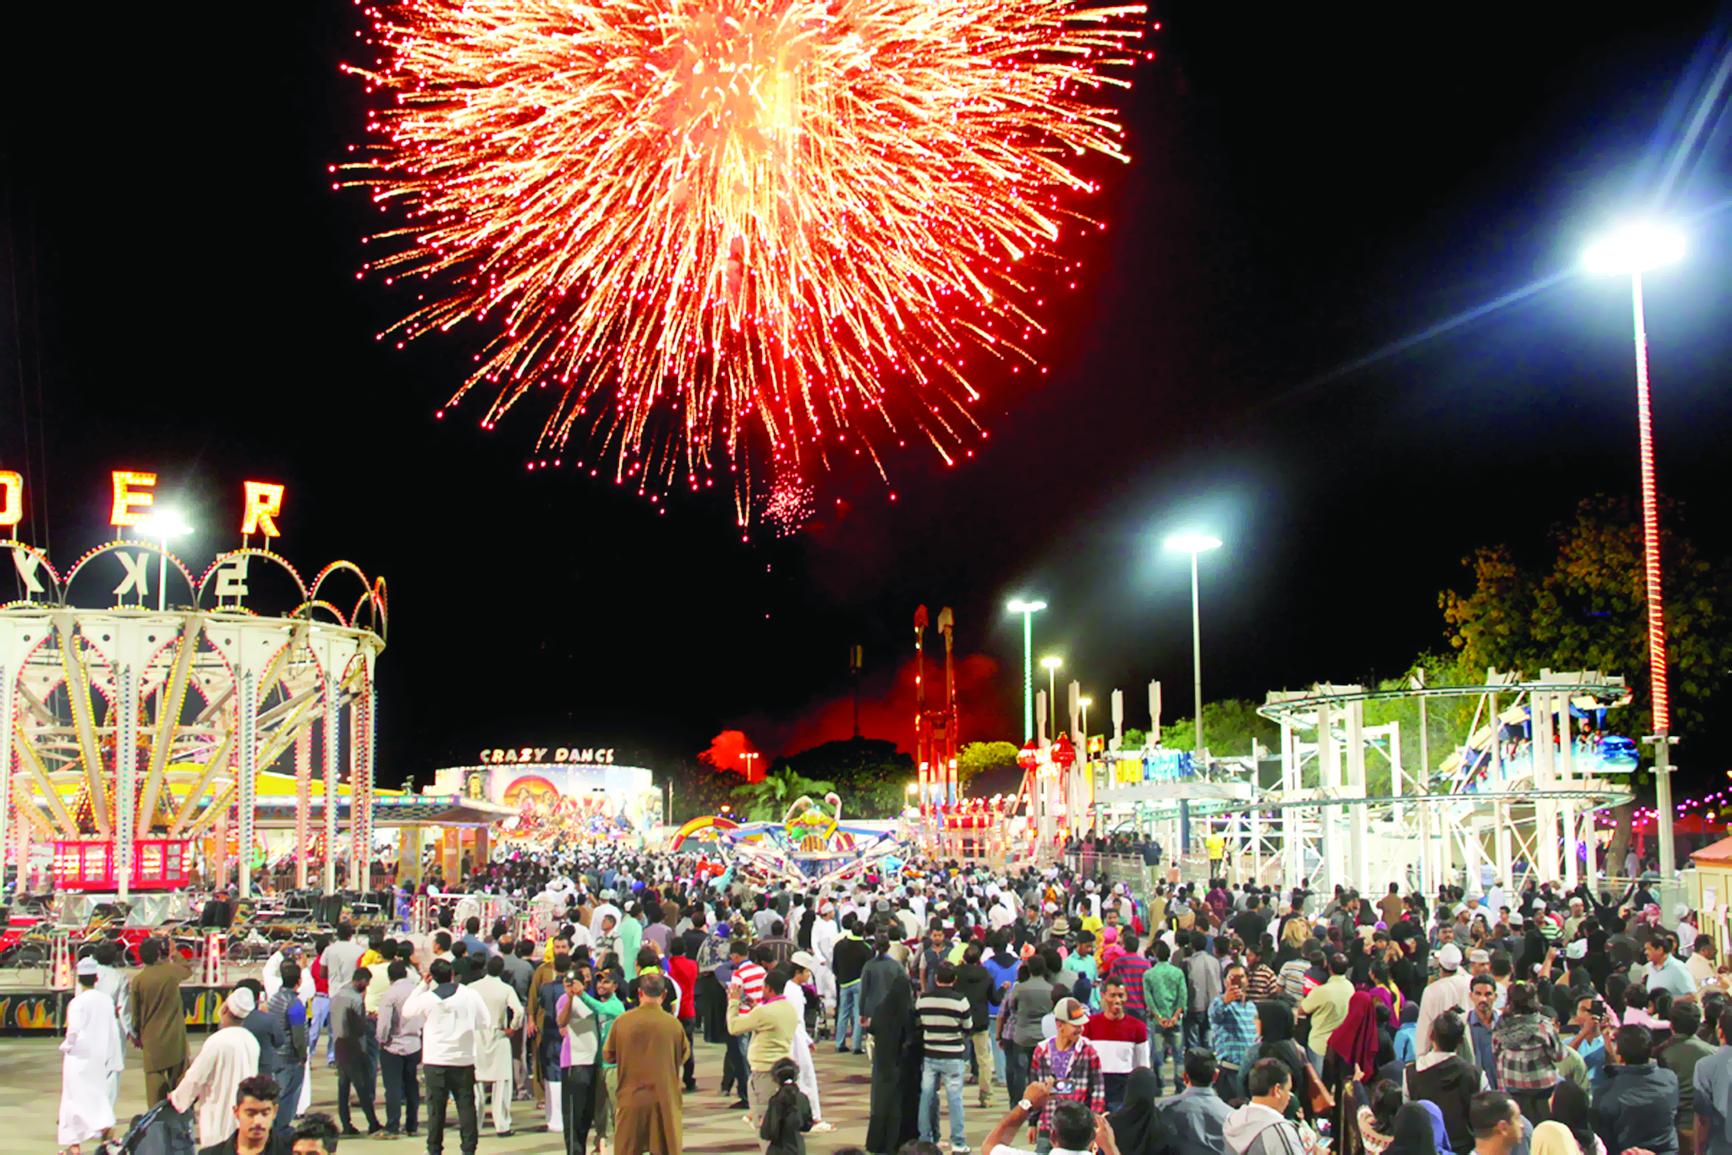 المهرجان يشهد إقبالاً لافتاً على معظم فعالياته